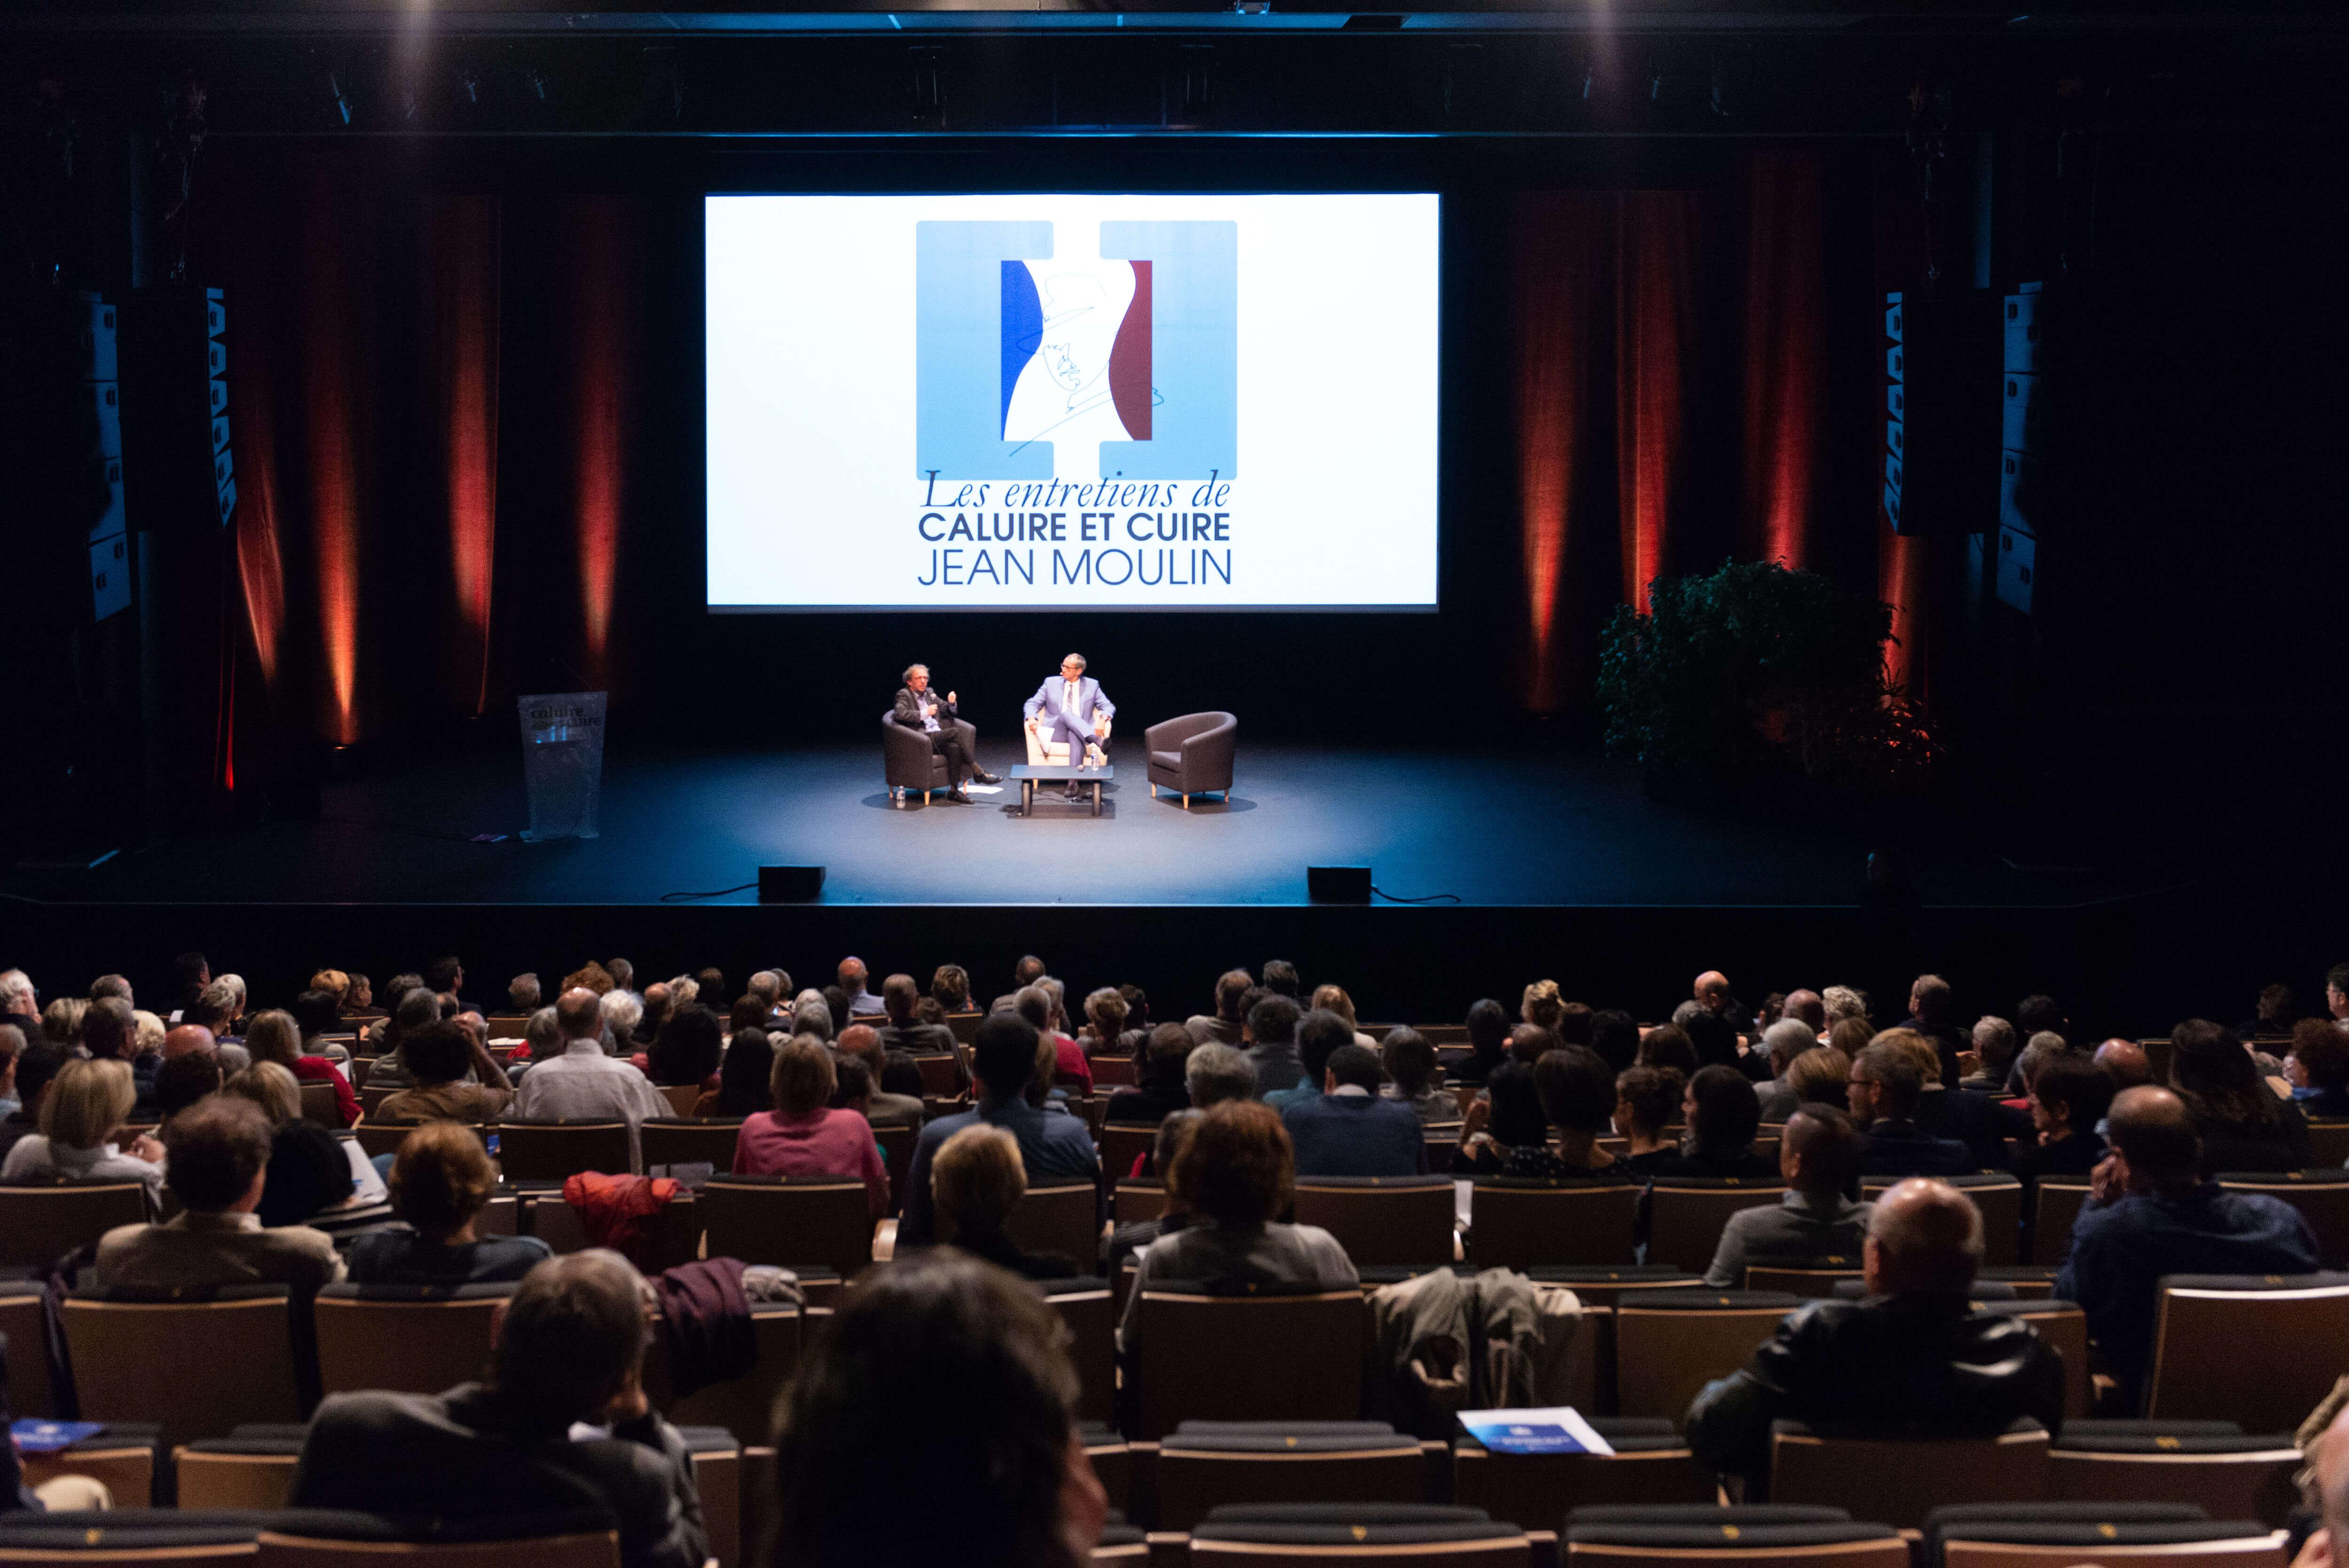 Les entretiens de Caluire et Cuire Jean Moulin